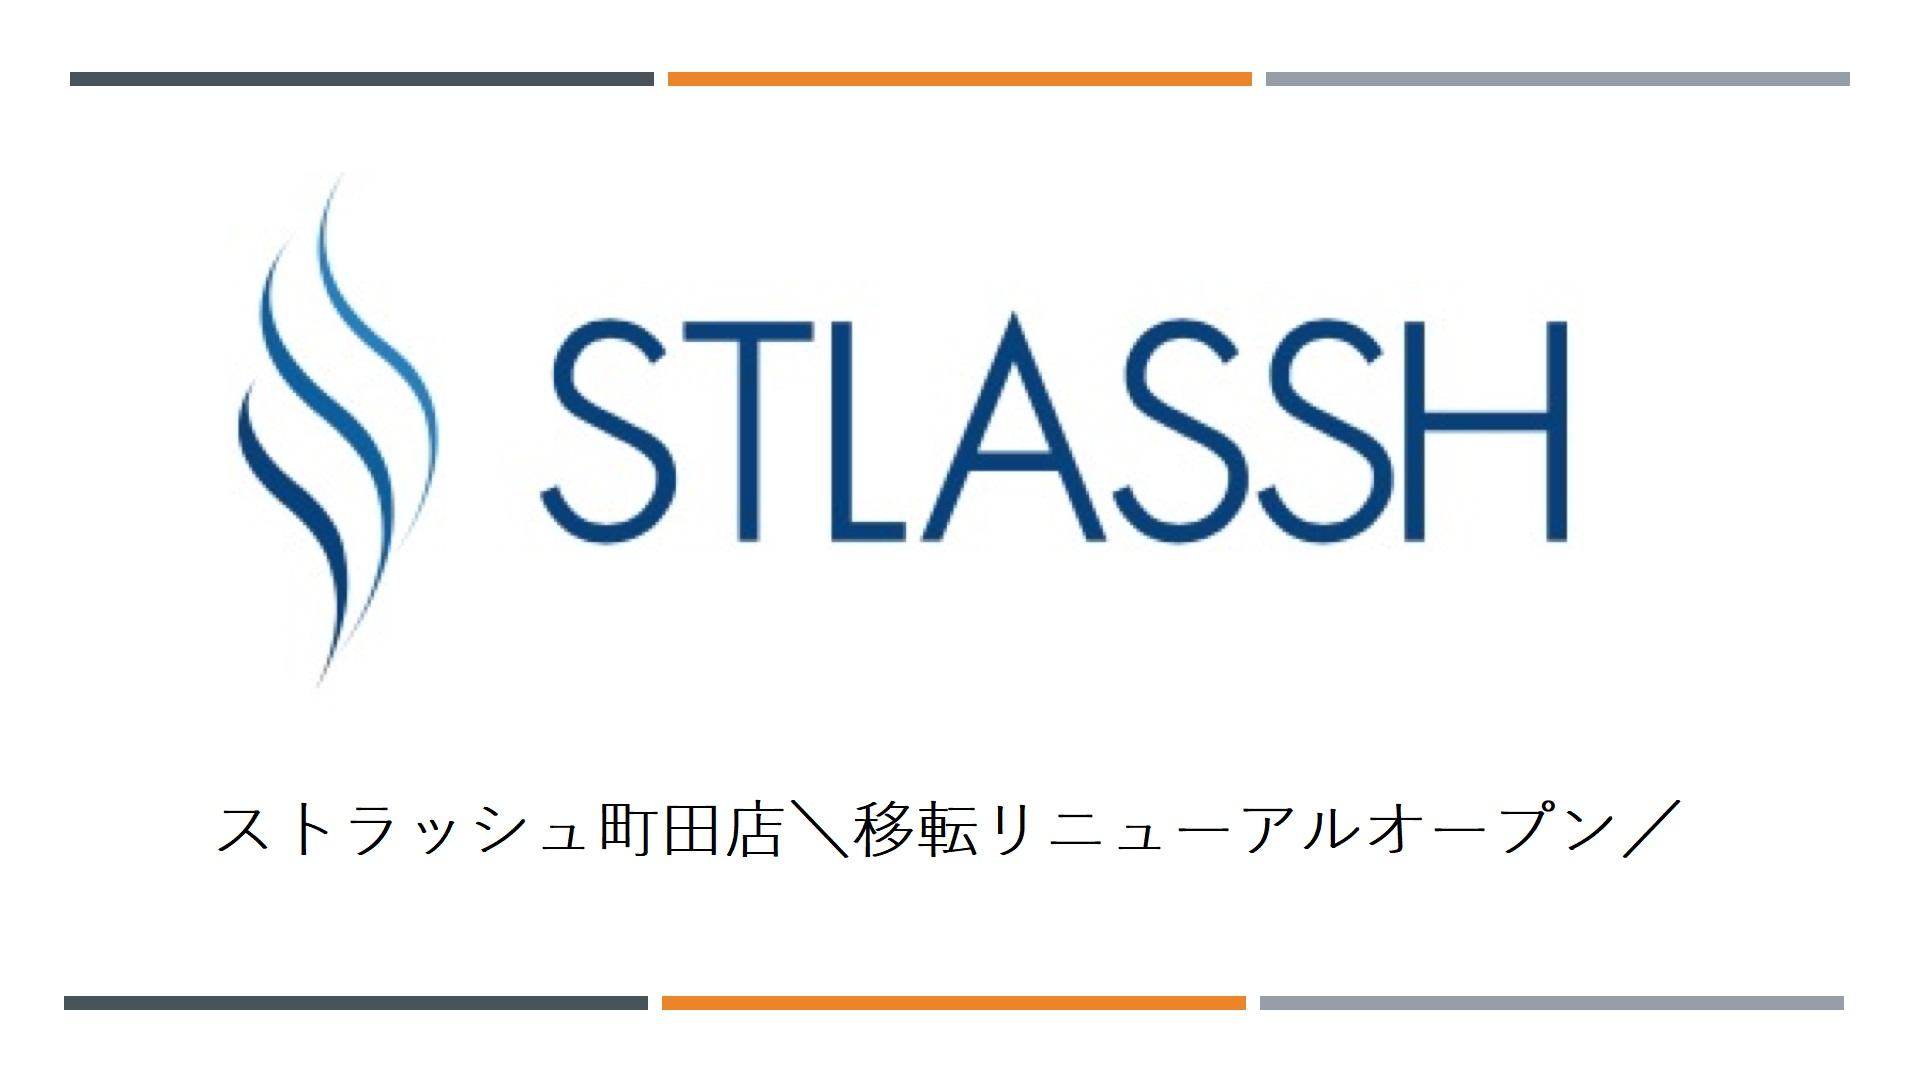 町田店移転リニューアル(ストラッシュ)